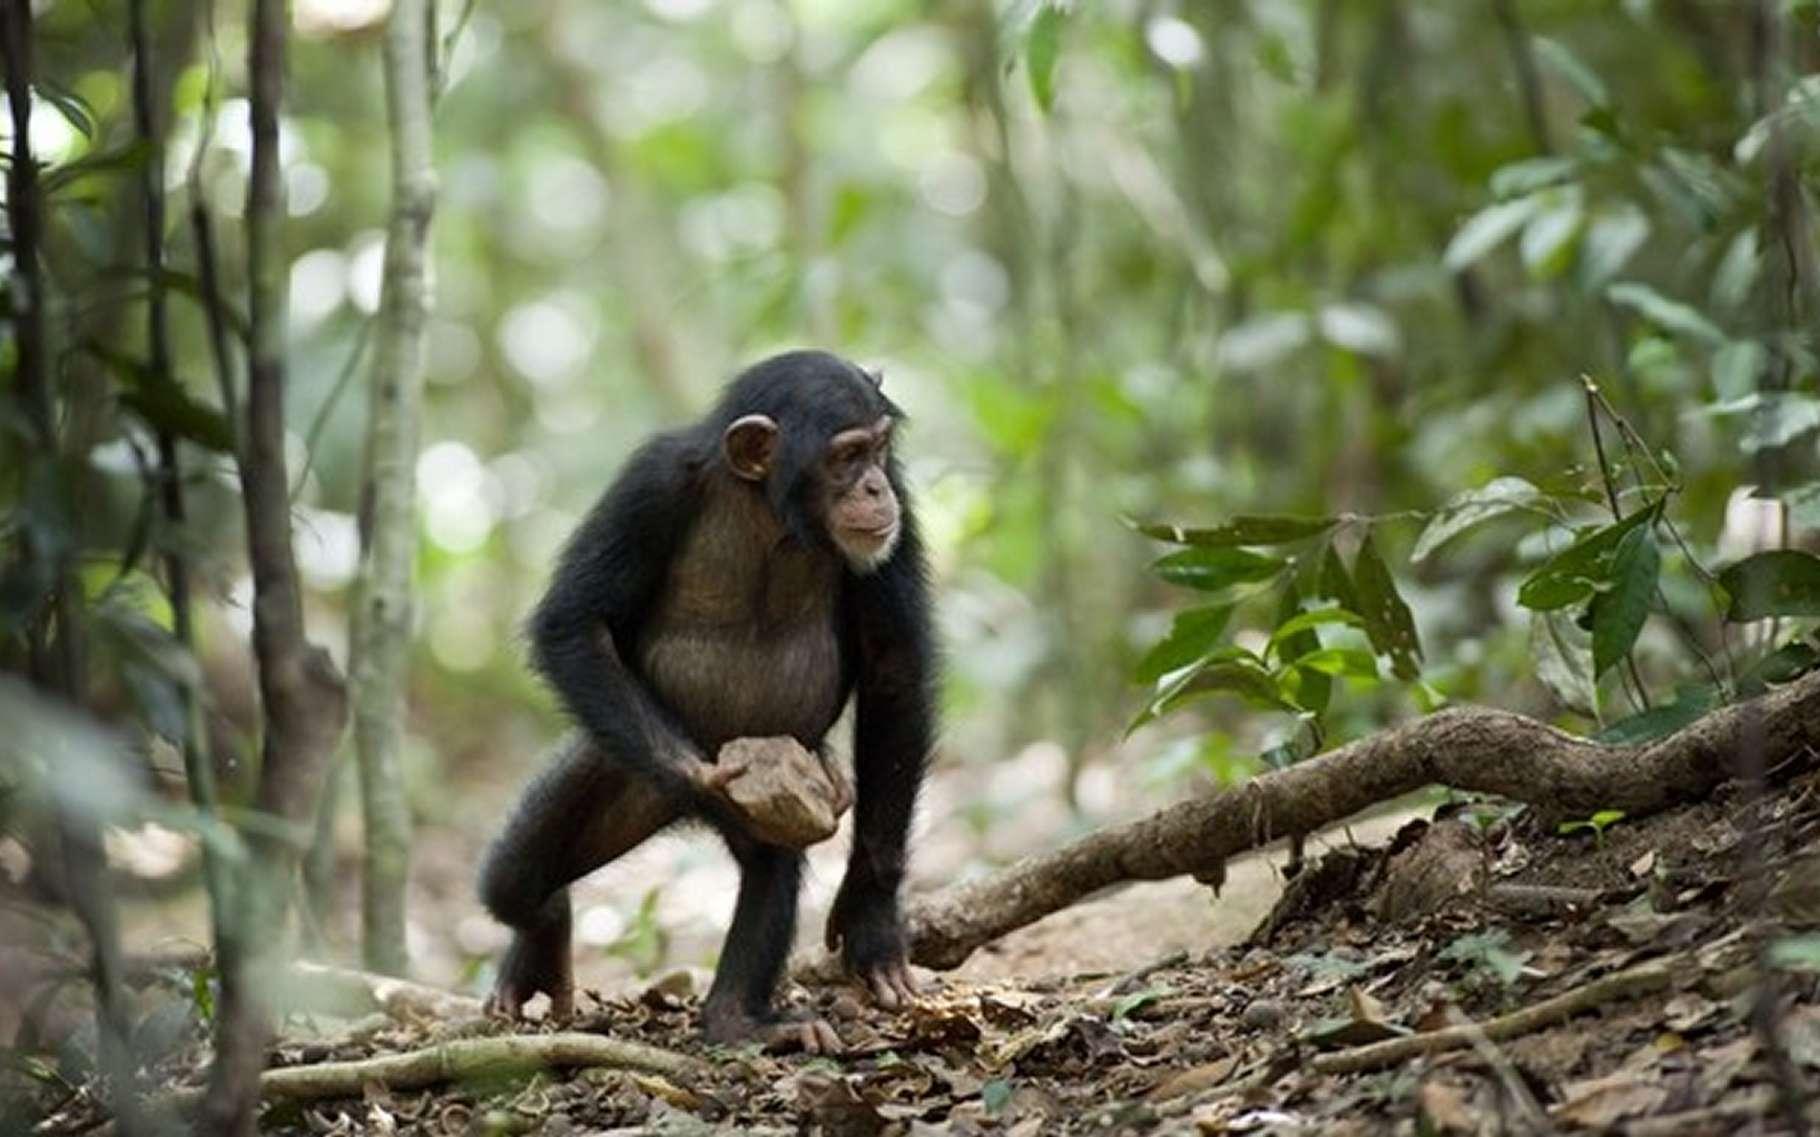 Un chimpanzé porte une pierre. Il sait s'en servir pour casser des noix. Mais pourquoi la jeter contre un arbre en poussant des cris ? © Laura Kehoe (université Humboldt, Berlin)